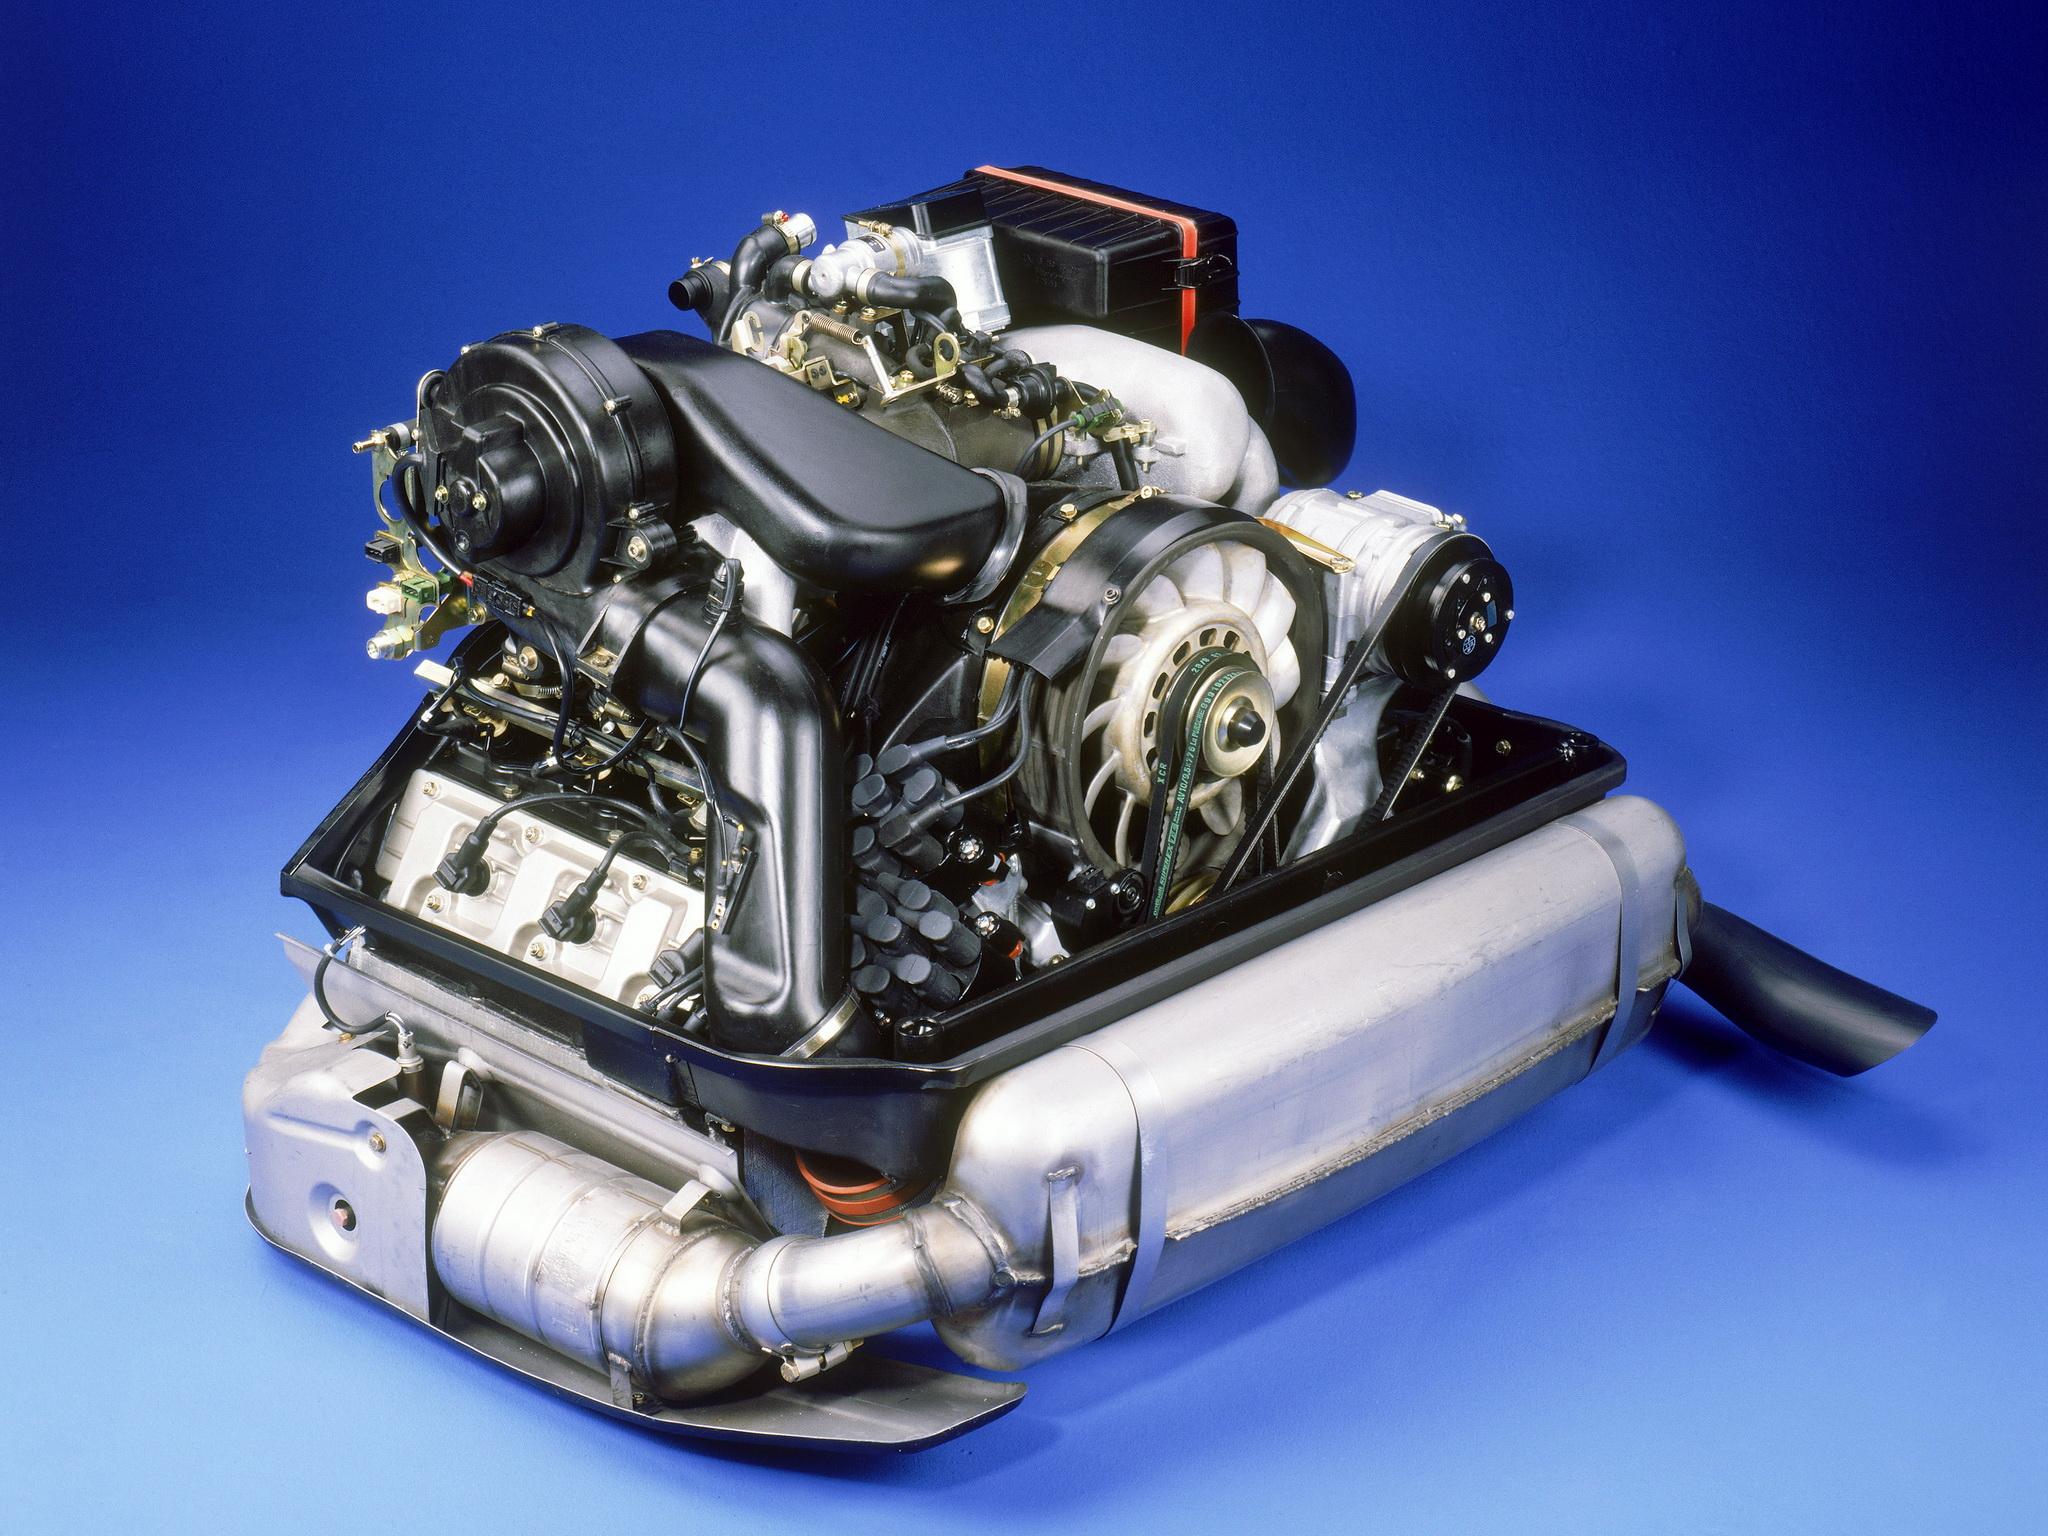 Engine porsche m64 01 wallpaper 2048x1536 132040 wallpaperup - Porsche engine wallpaper ...